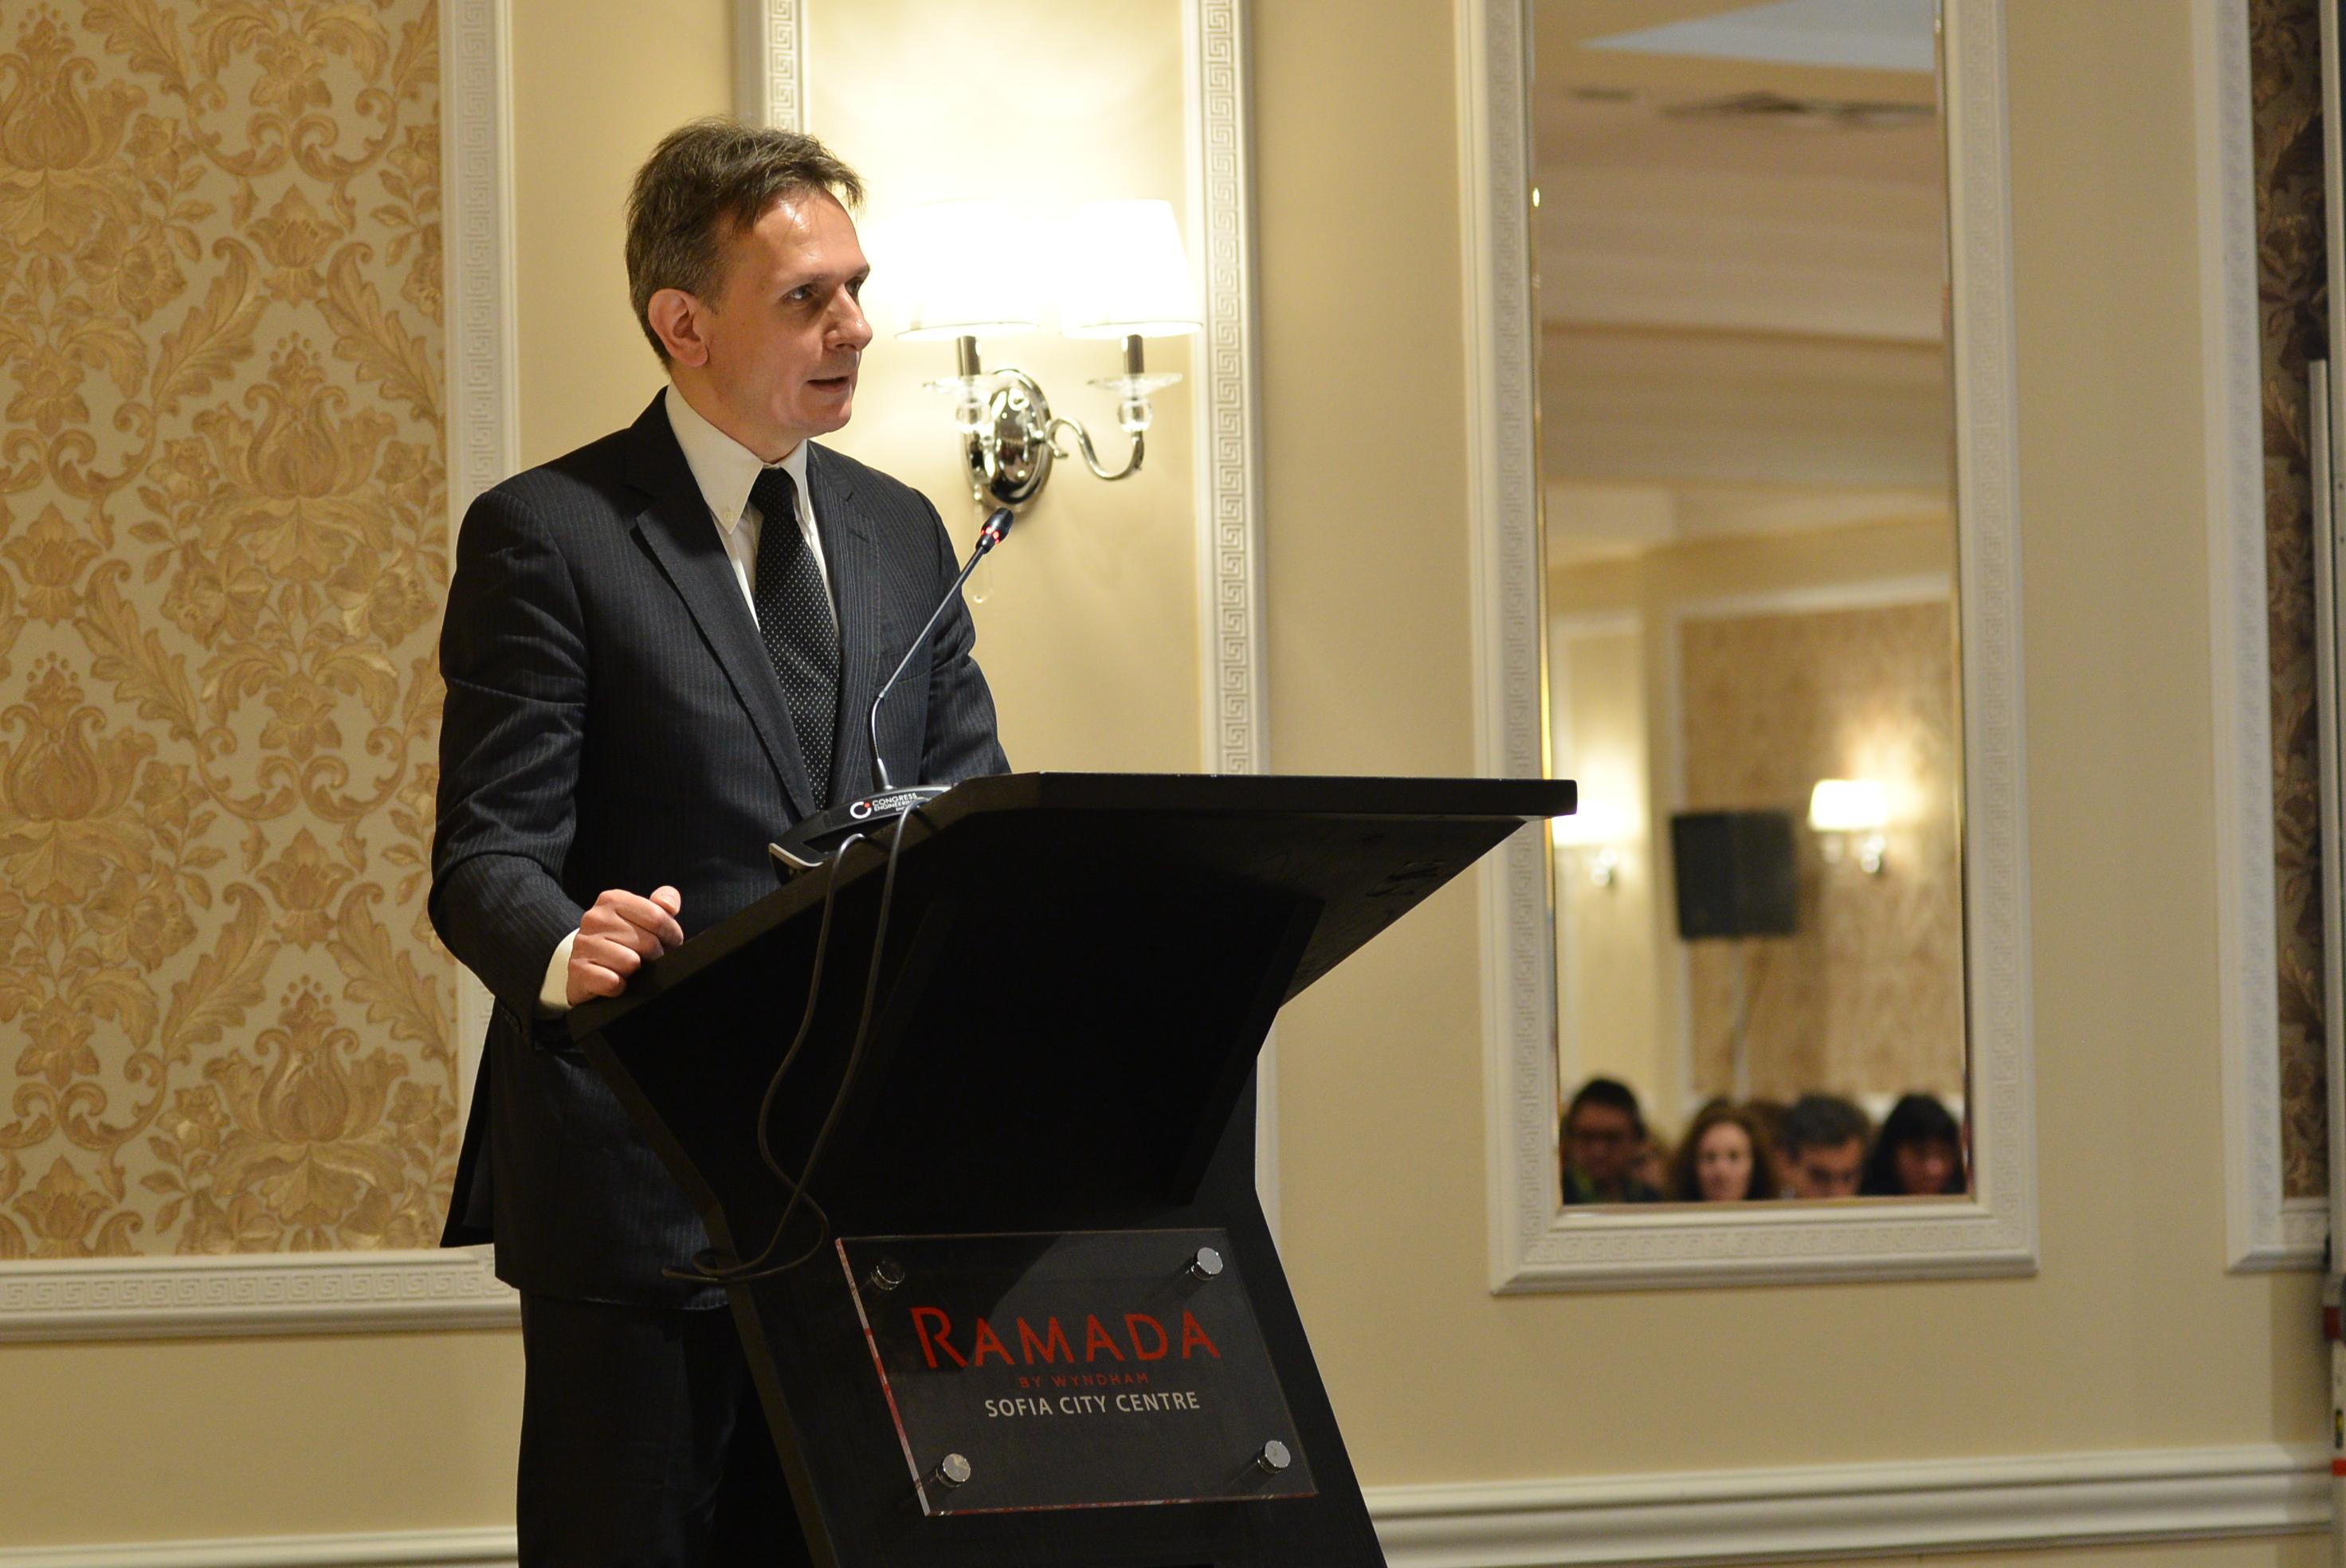 Obchody 130-lecia ustanowienia zawodu adwokata w Bułgarii